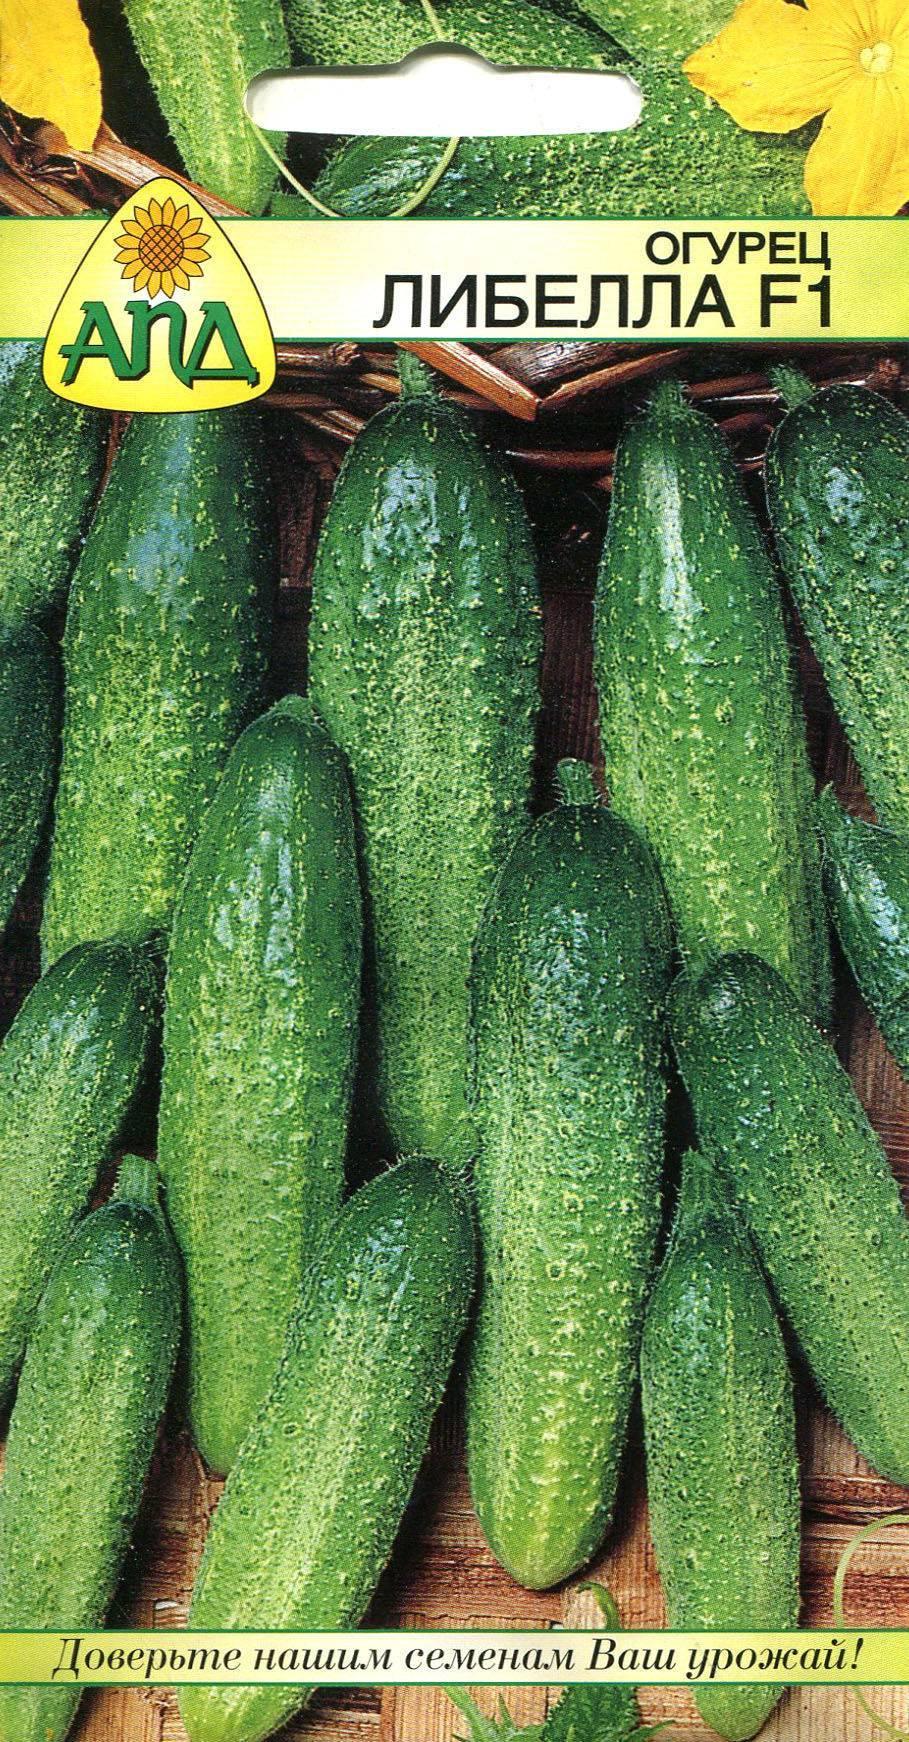 Сорт огурцов либелле ‒ полная характеристика и особенности выращивания